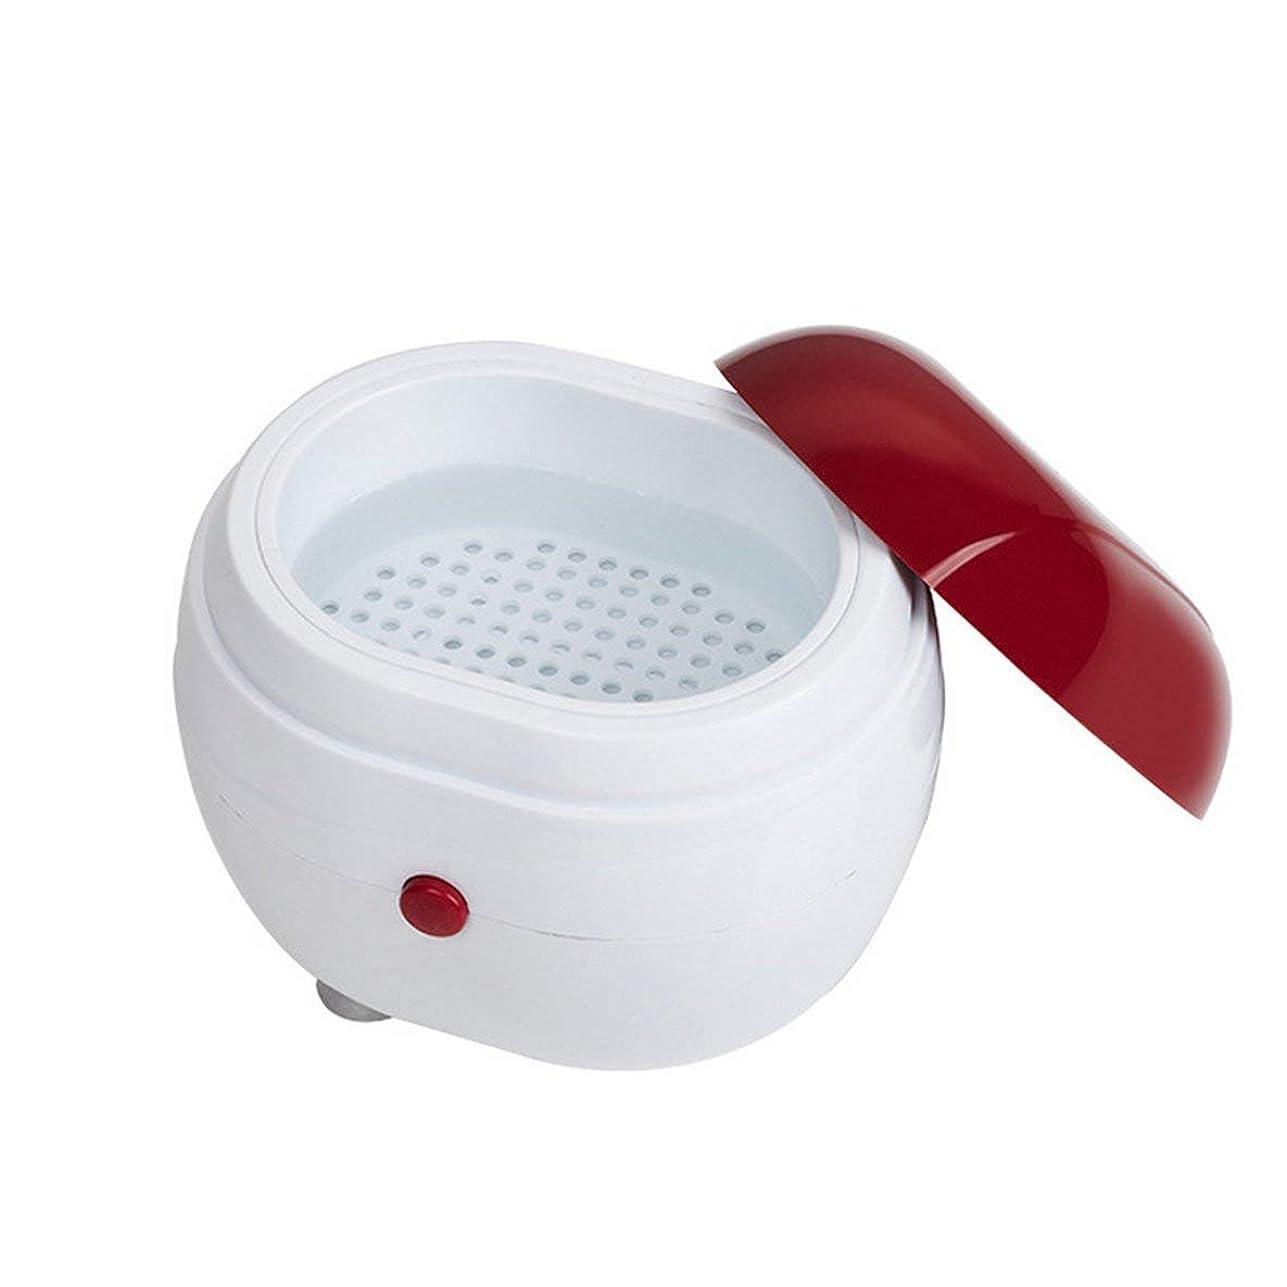 アクセントお母さん初心者ポータブル超音波洗濯機家庭用ジュエリーレンズ時計入れ歯クリーニング機洗濯機クリーナークリーニングボックス - 赤&白